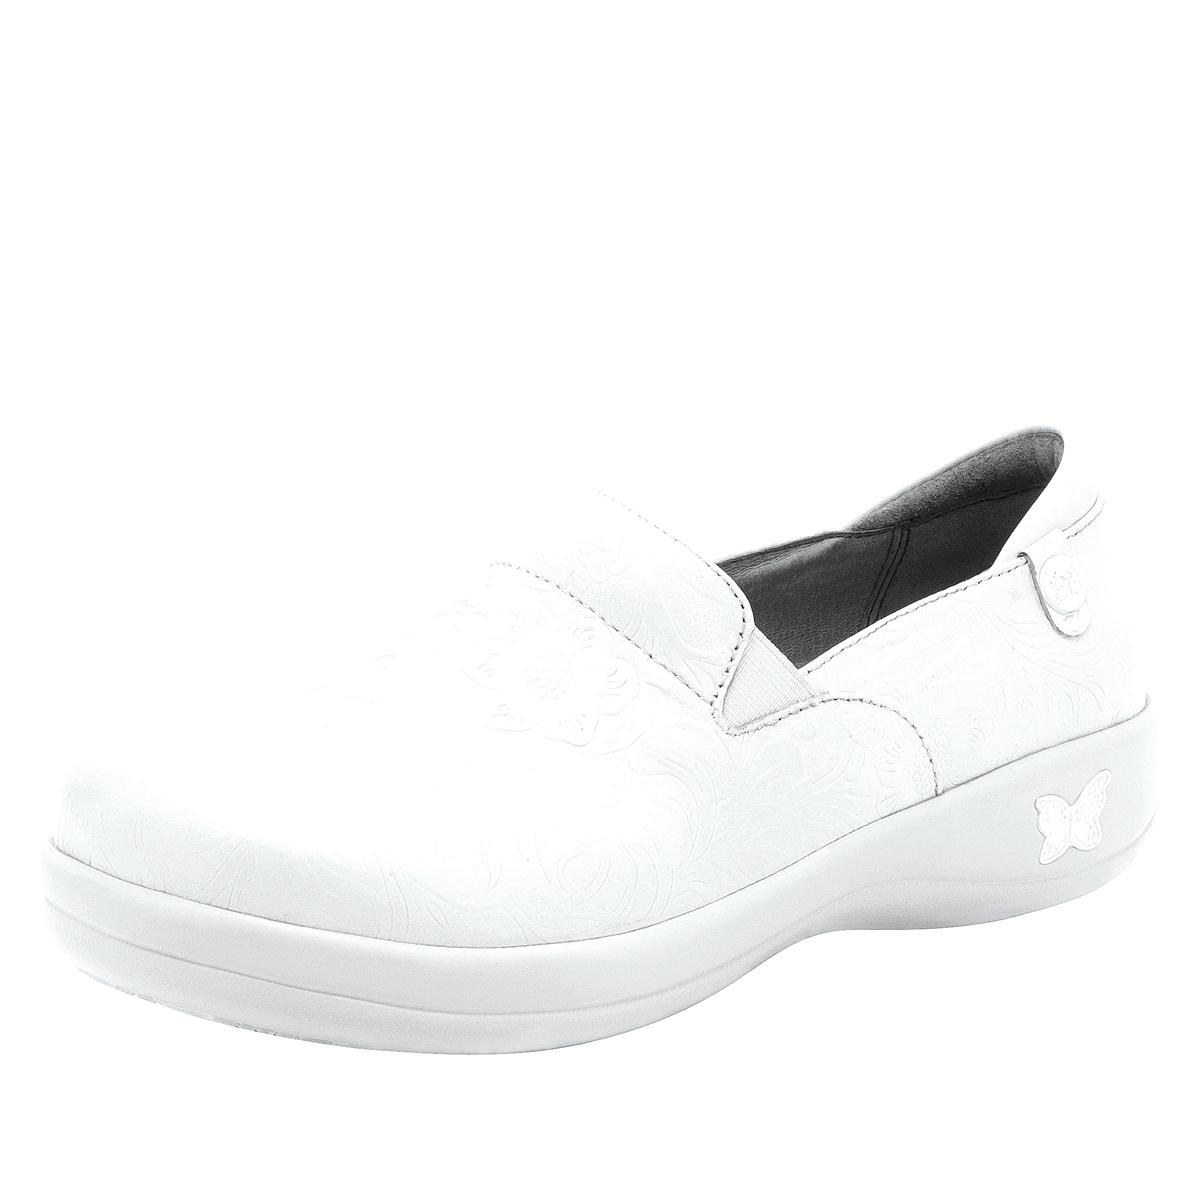 and best comforter phlebotomy sanita comfortable pin nursing nurse sick shoes